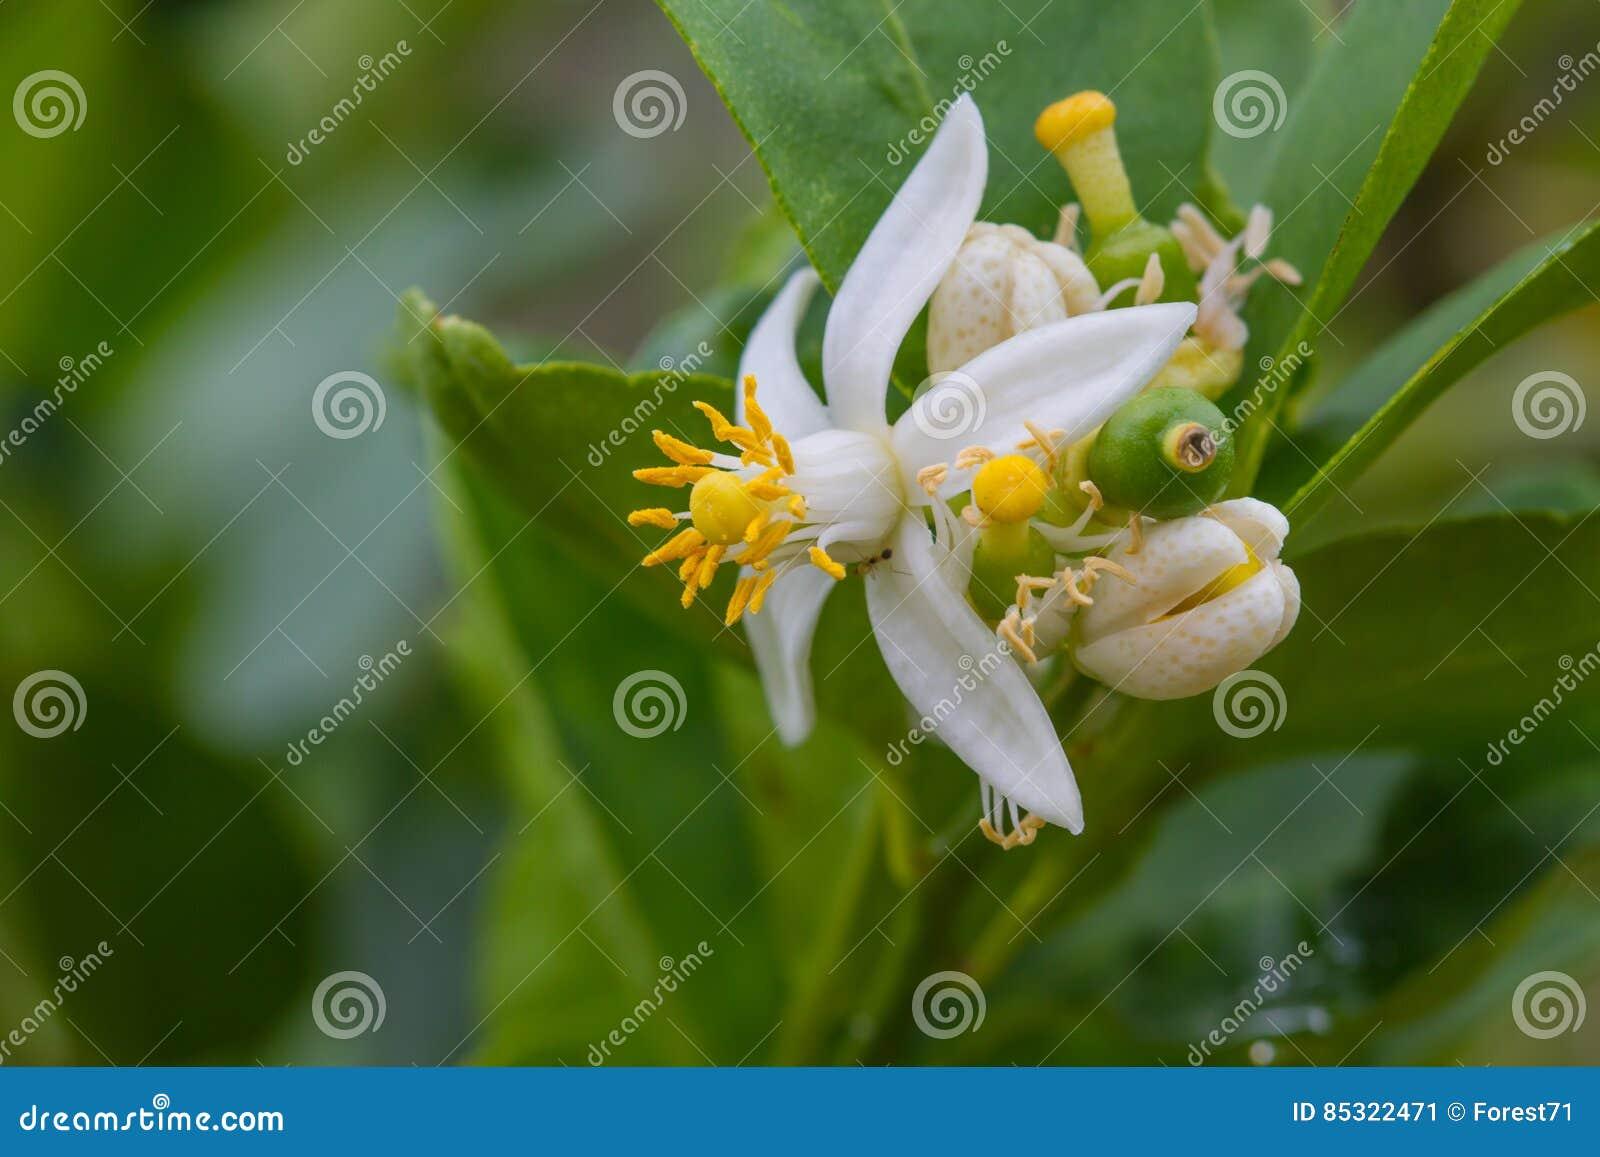 Fleur Des Fruits De Bergamote Sur L'arbre Image stock - Image du frais, fruit: 85322471